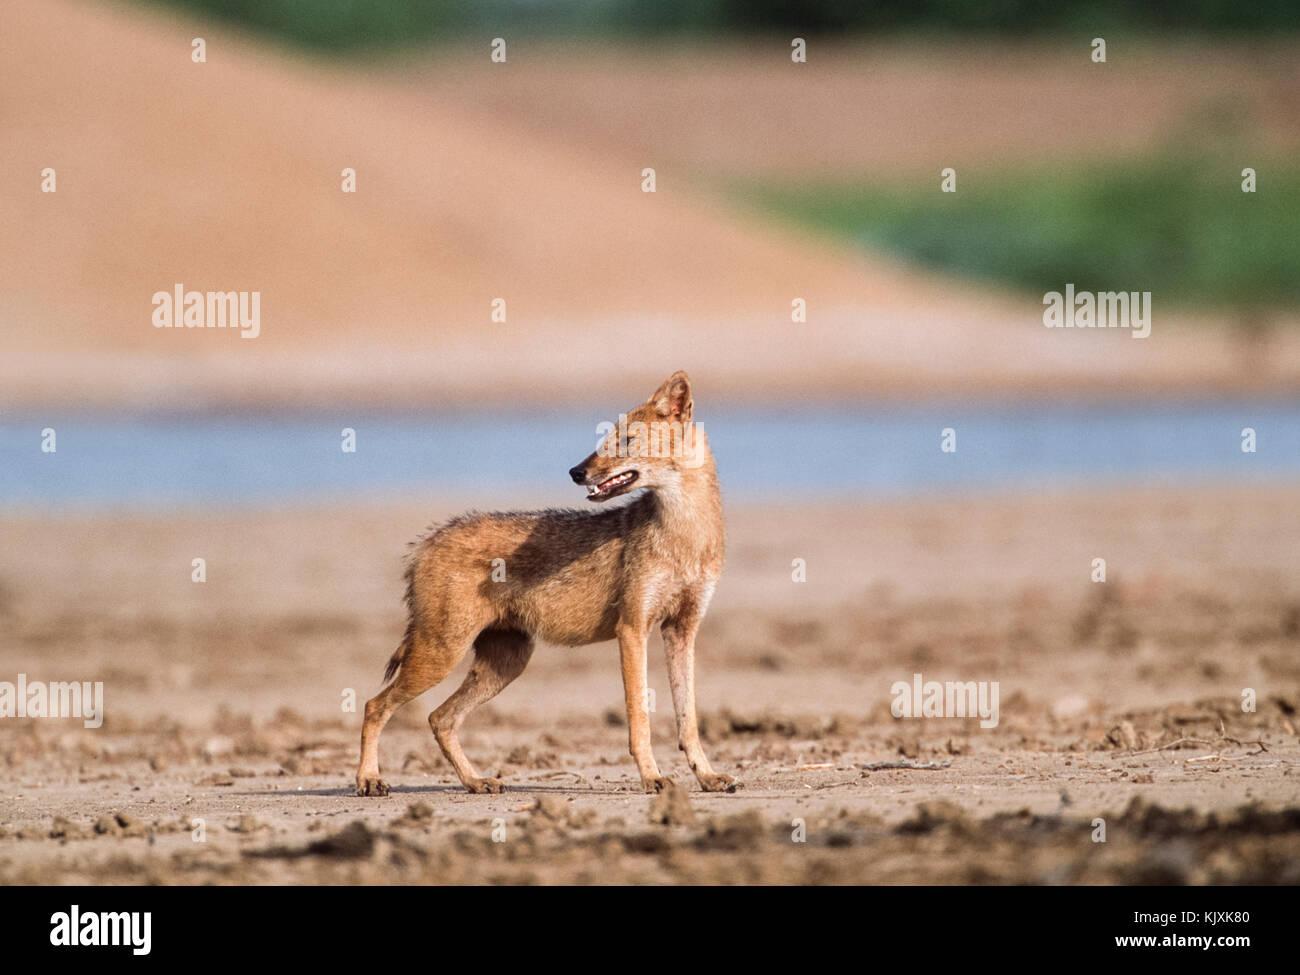 El Chacal, indio Canis aureus indicus, el parque nacional de Keoladeo Ghana, Bharatpur, Rajasthan, India Foto de stock